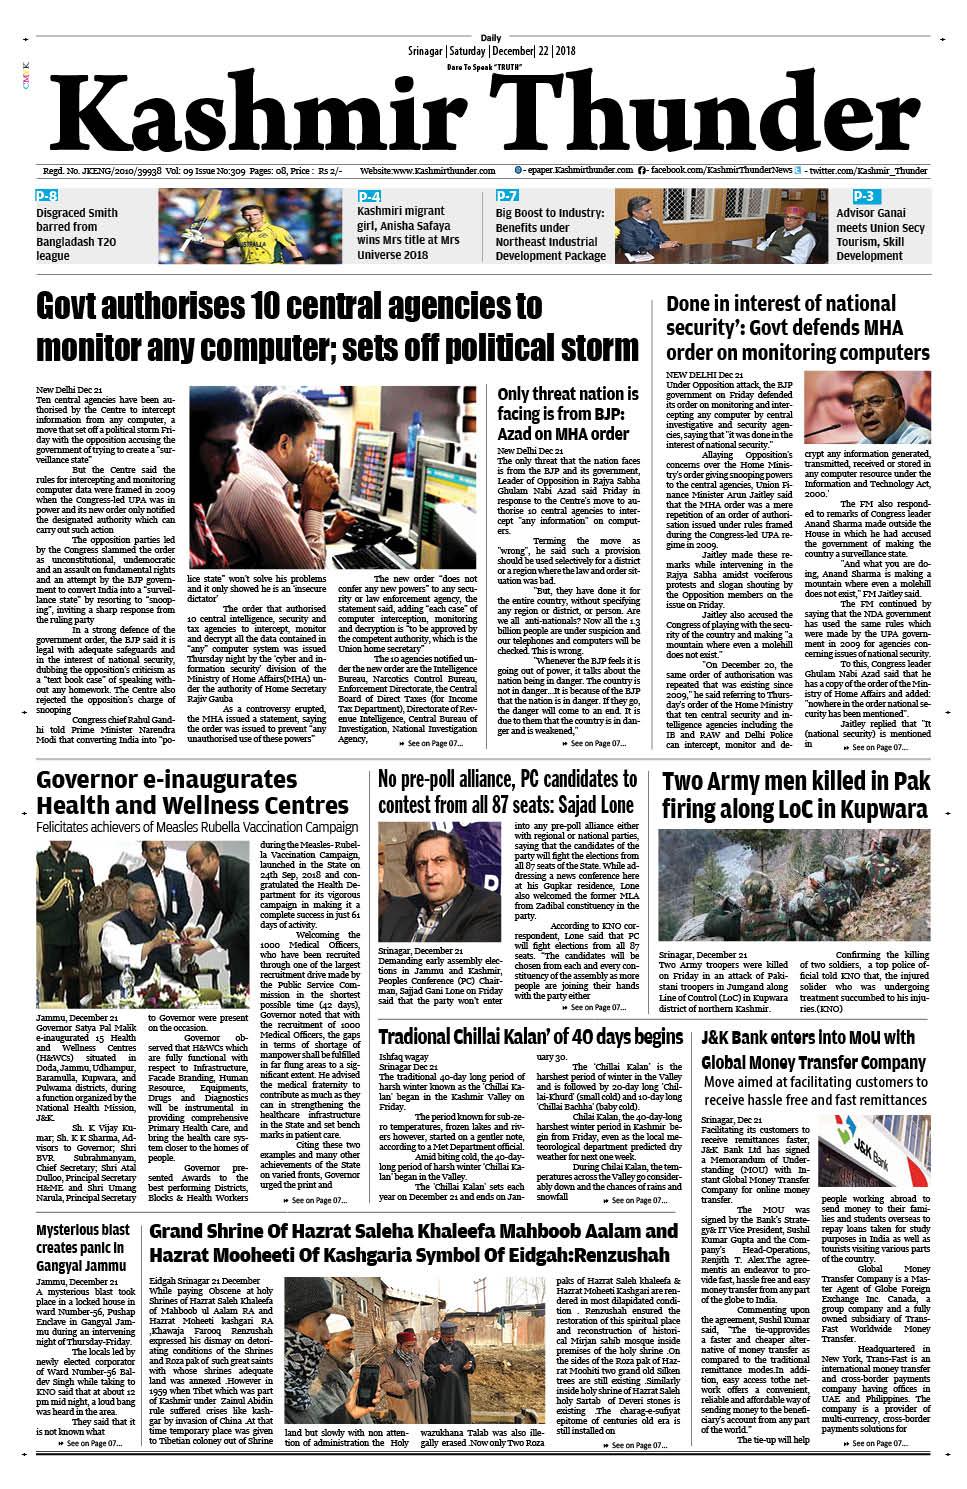 epaper-22-12-2018 - ePaper Kashmir Thunder